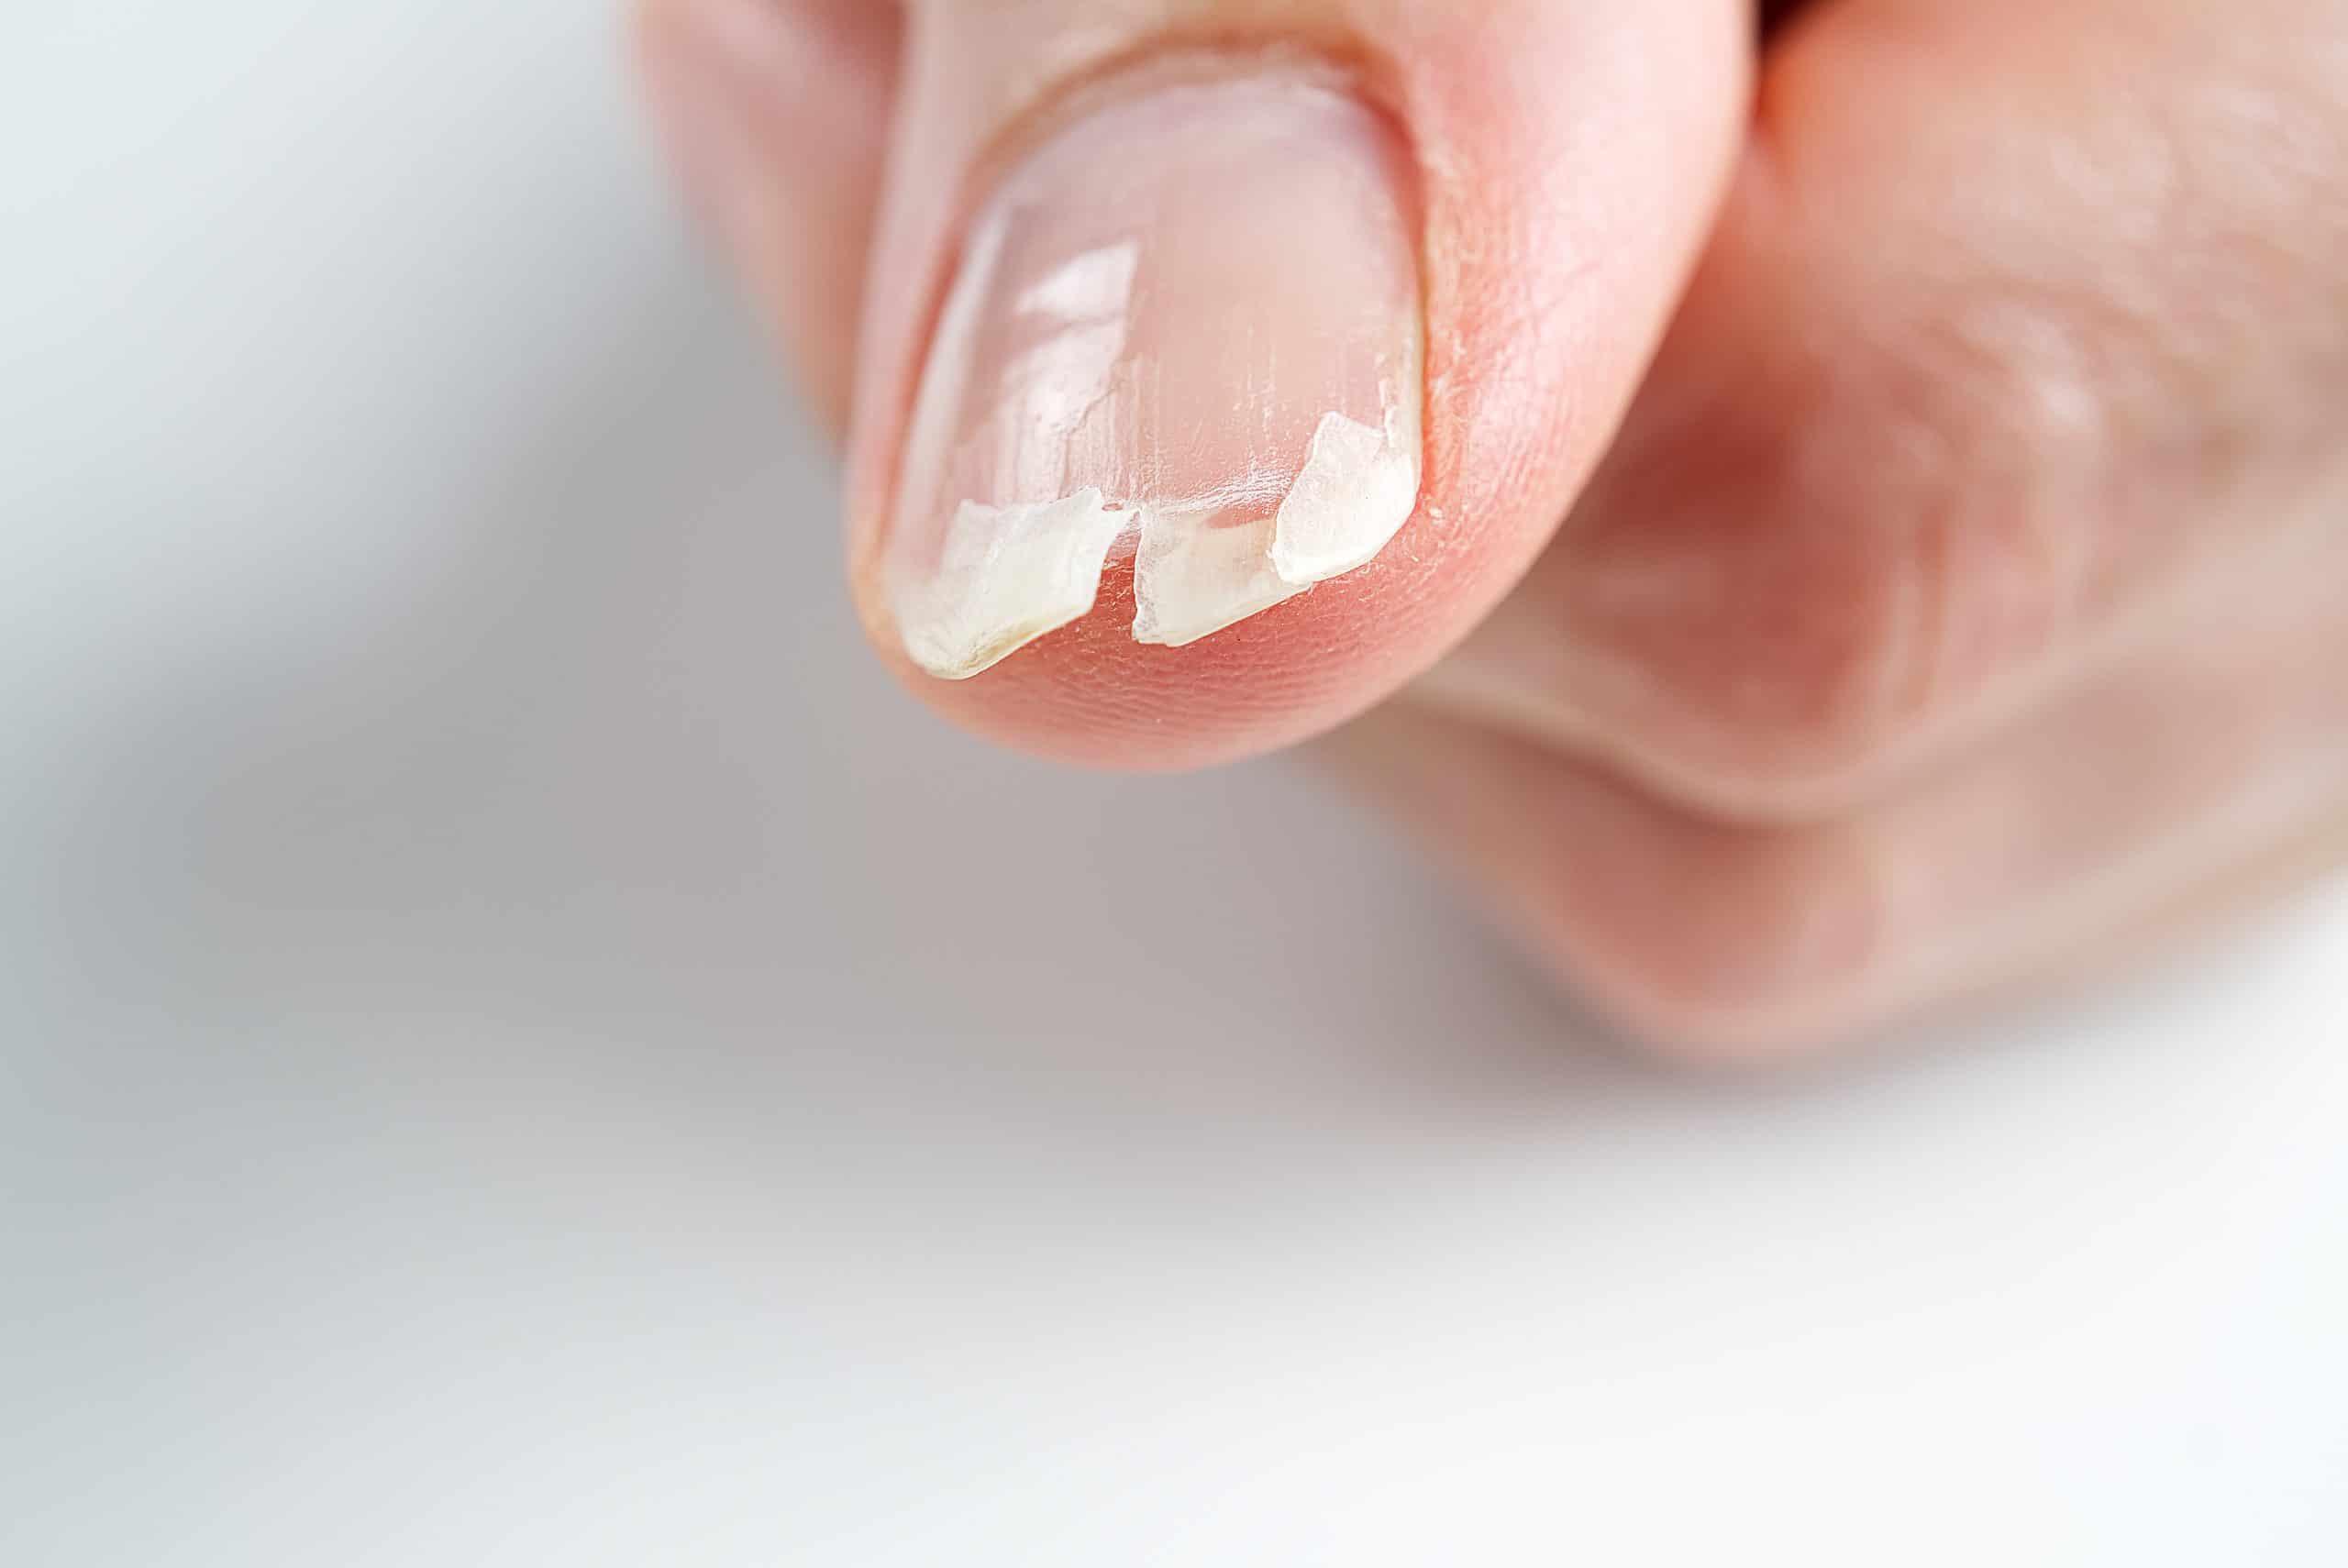 Comment réparer un ongle cassé ?